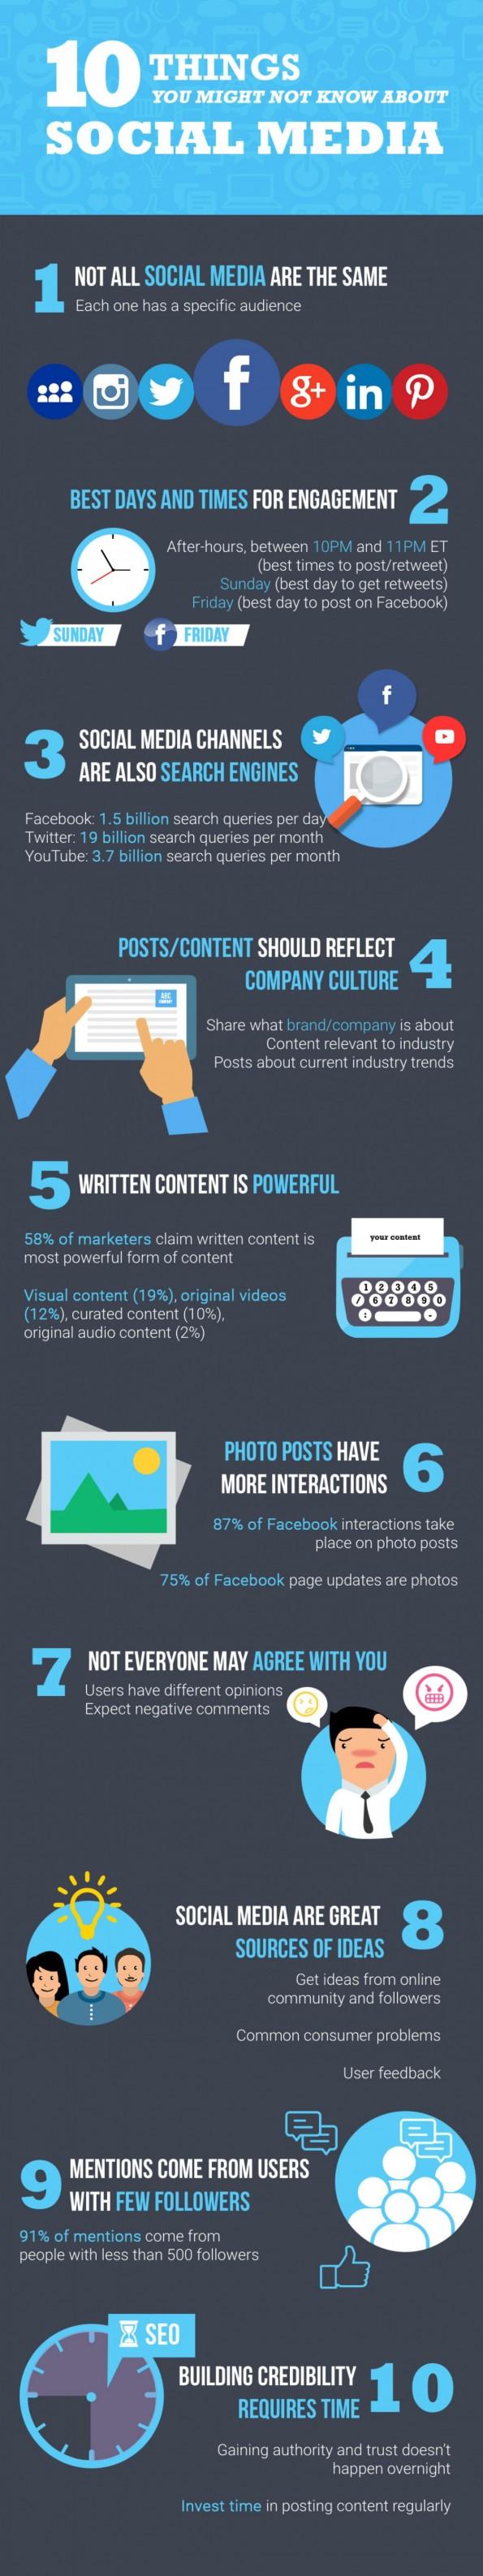 10-zaken-over-social-media-die-je-hoort-te-weten-infographic-595x3173